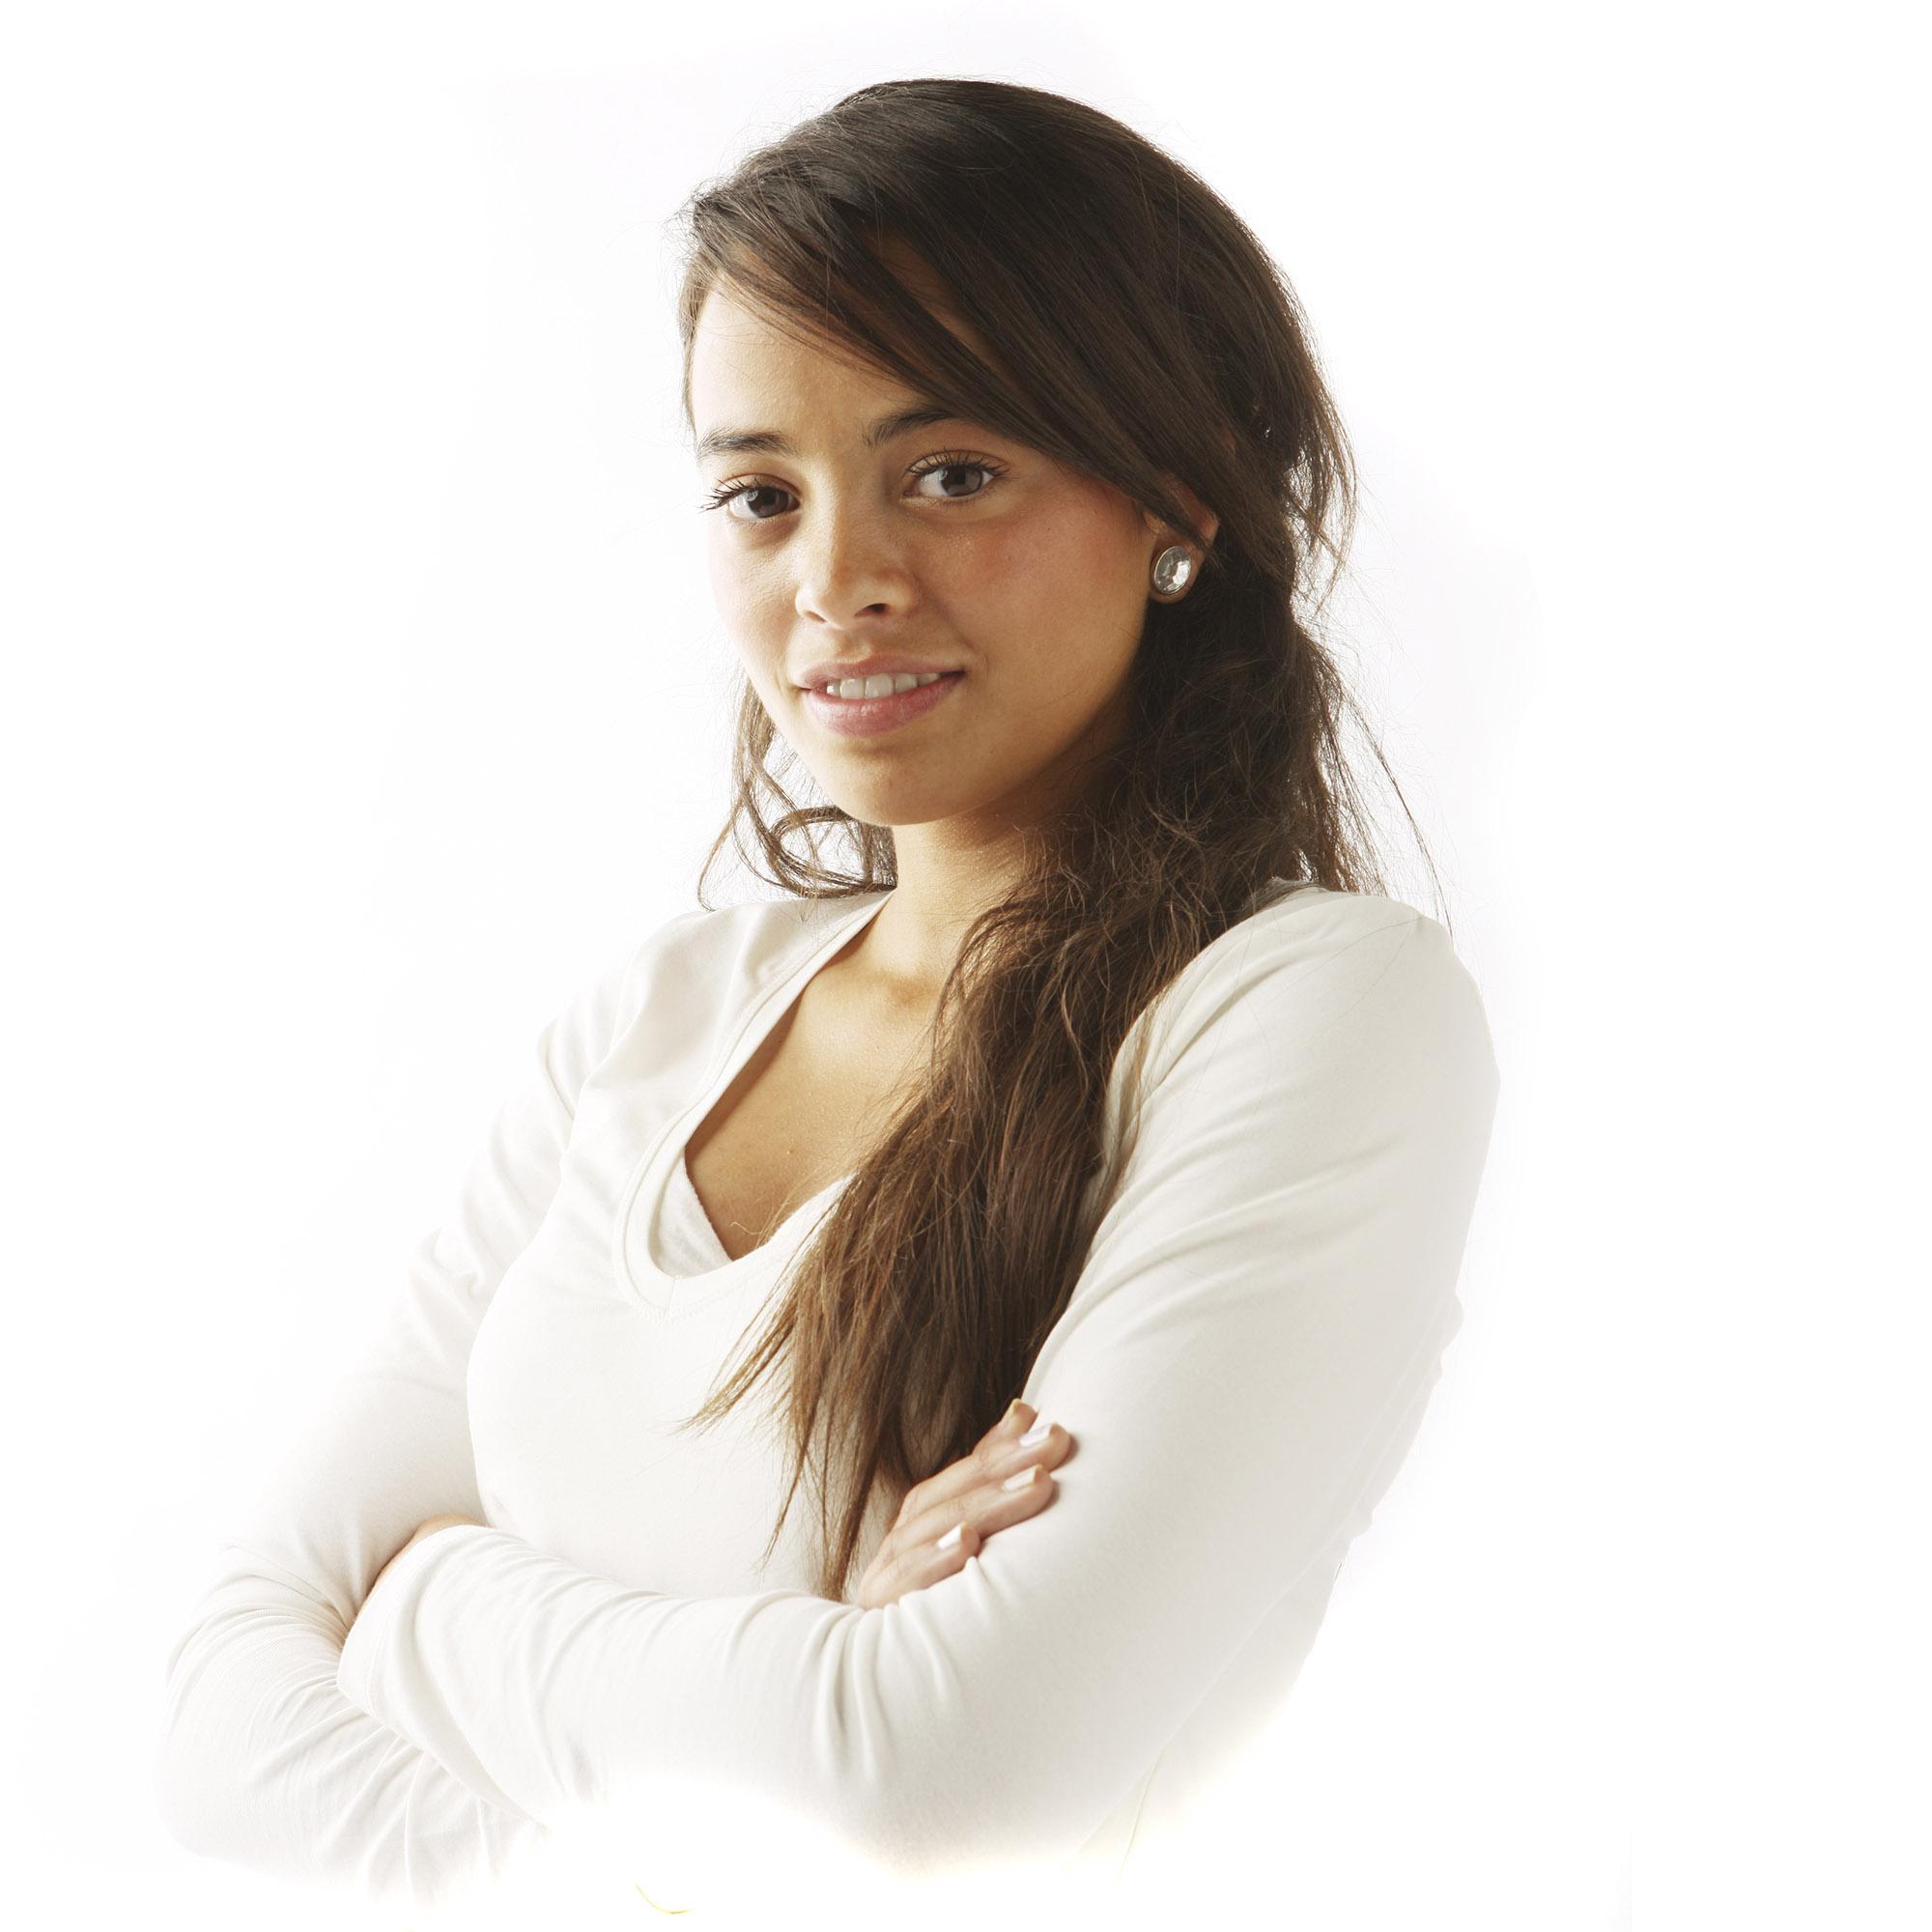 Foto van een meisje met witte kleding en bruin haar